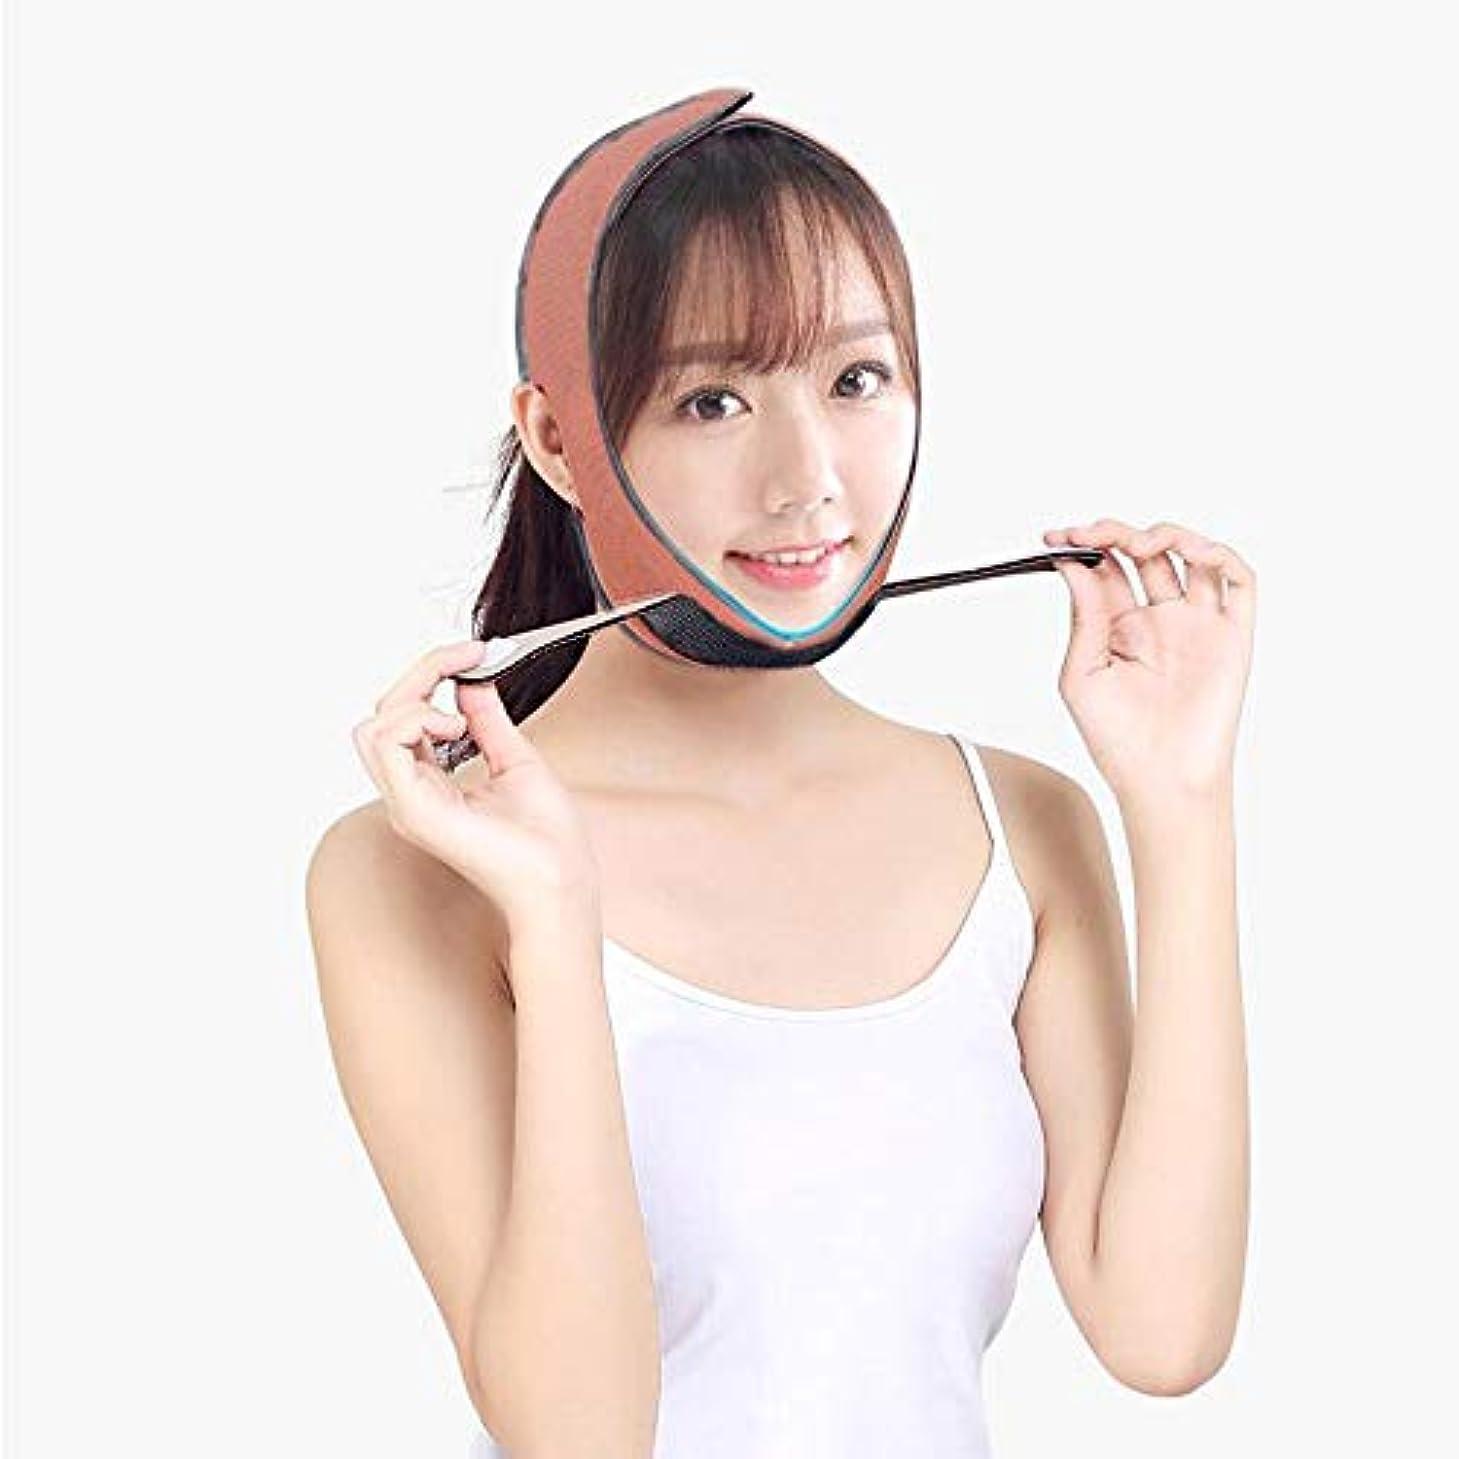 パスタ皿チーターフェイシャルリフティングスリミングベルト - 薄いフェイス包帯Vフェイス包帯マスクフェイシャルマッサージャー無料整形マスク顔と首の顔を引き締めますスリム